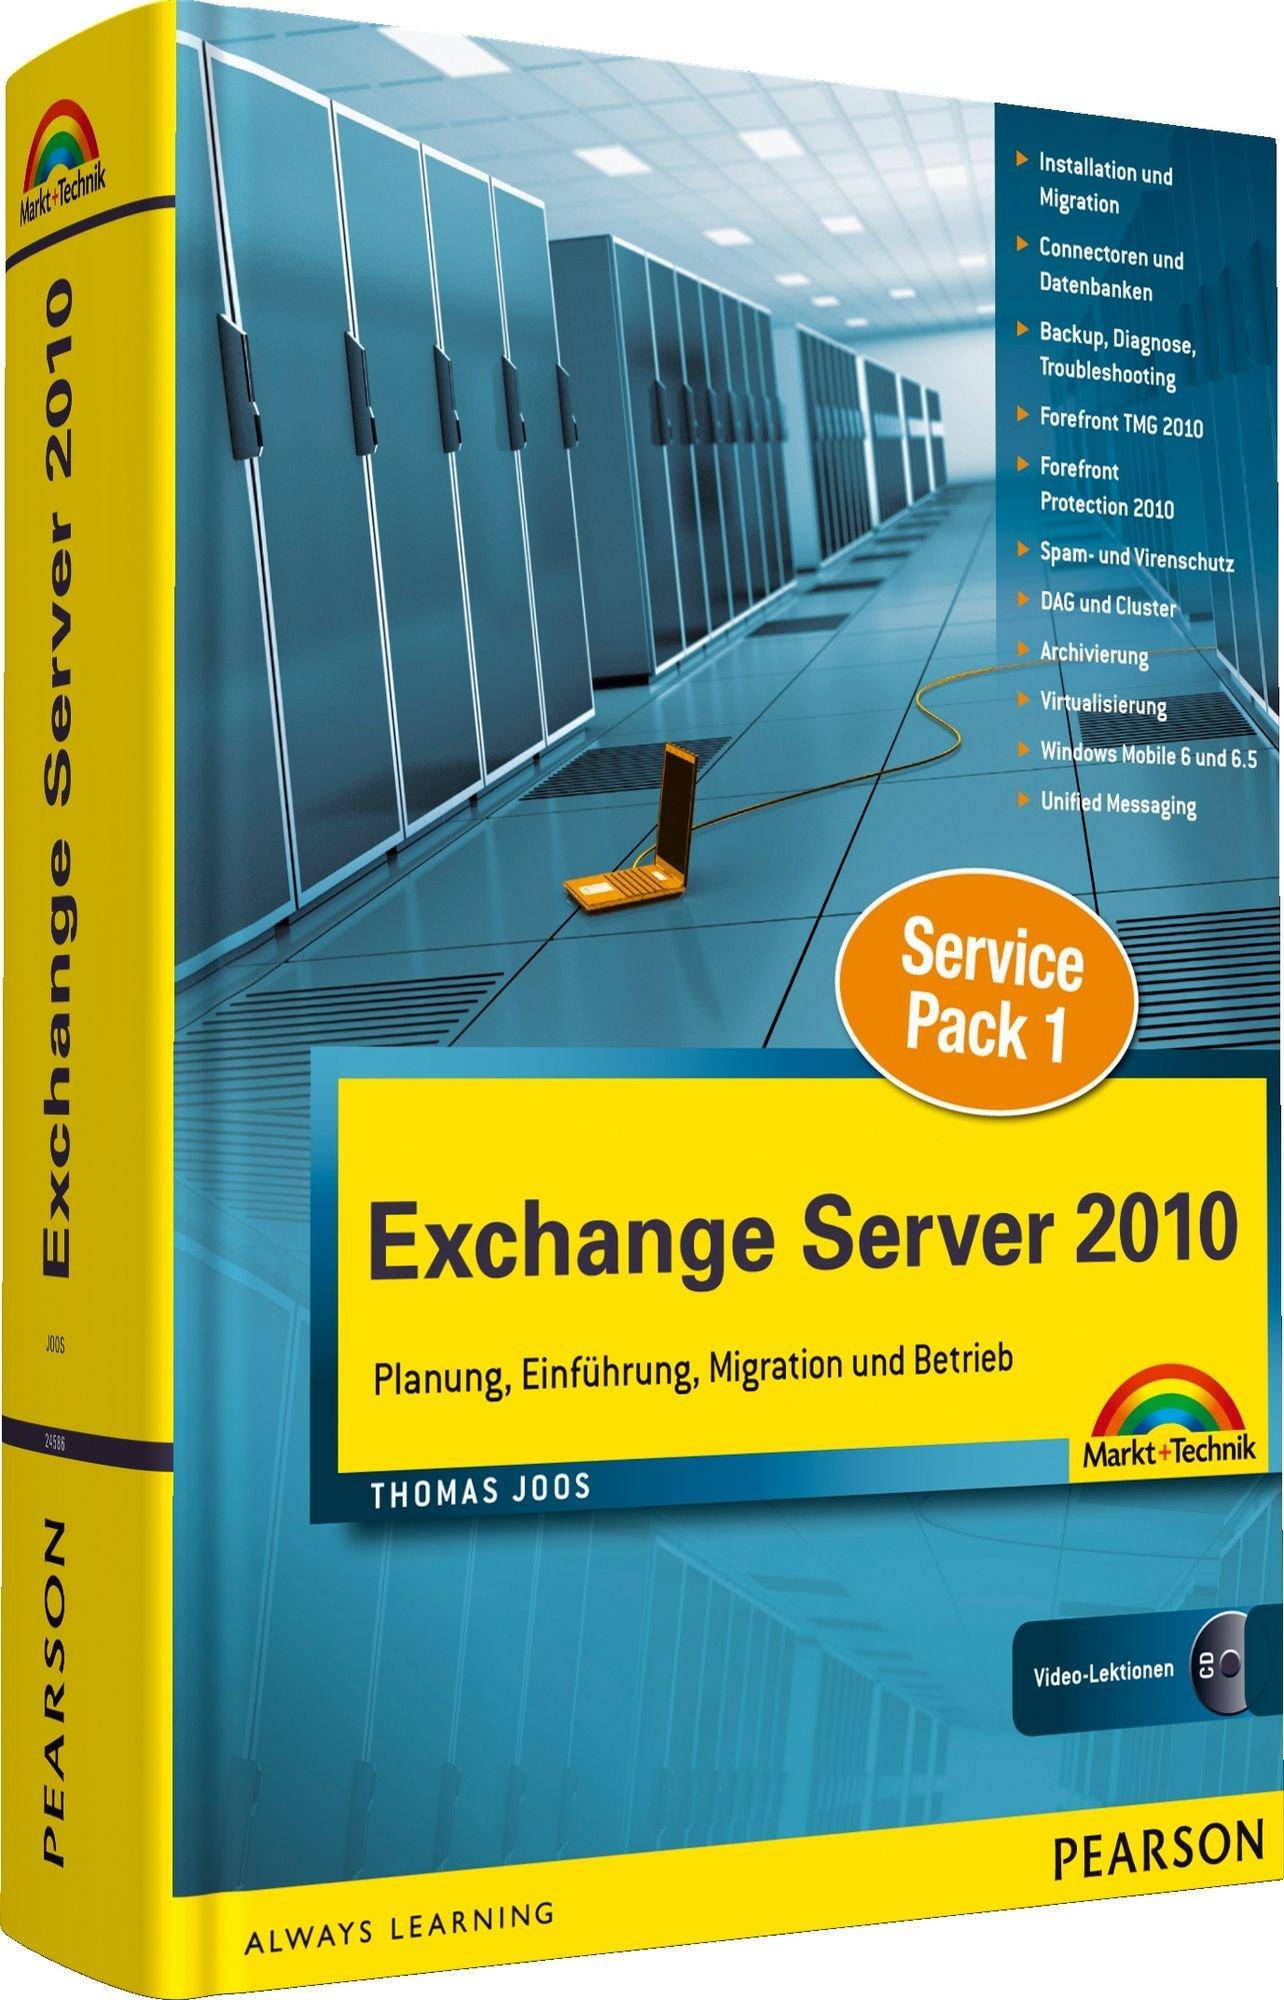 Exchange Server 2010 - Inklusive Neuerungen des SP1, Integration mit Forefront Threat Management Gateway (TMG) 2010, Forefront Protection für Migration und Betrieb (Kompendium/Handbuch)